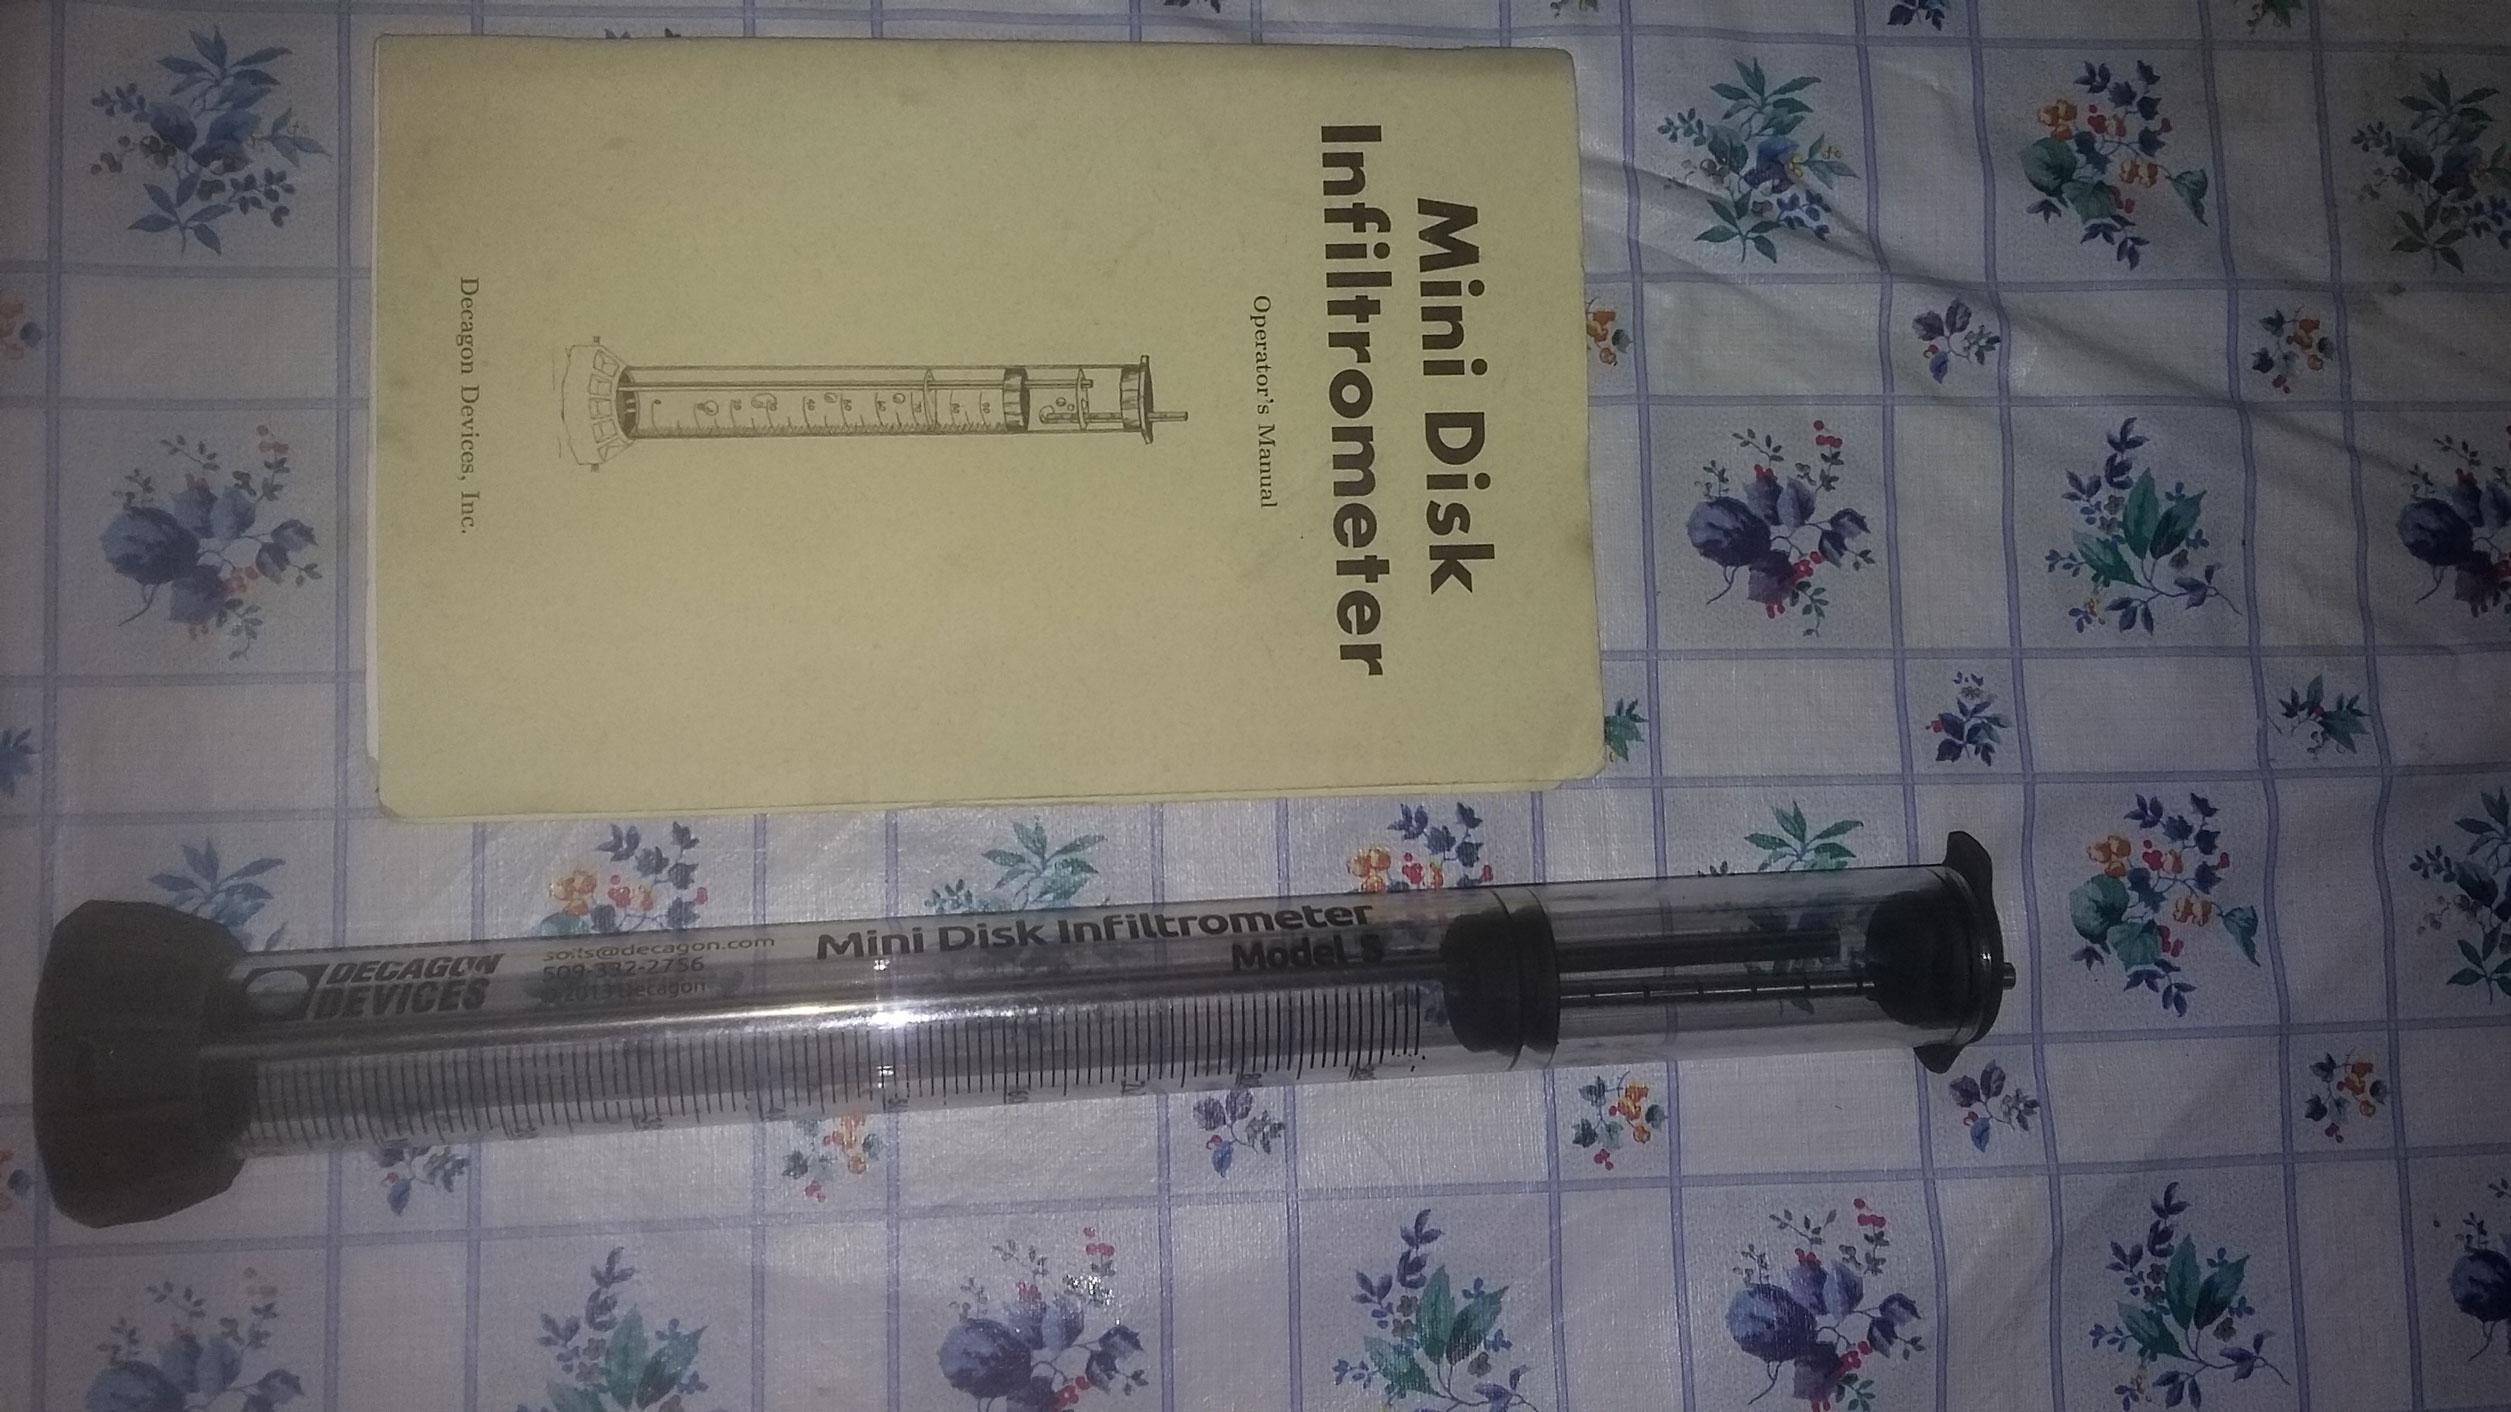 Infiltrometro MiniDis